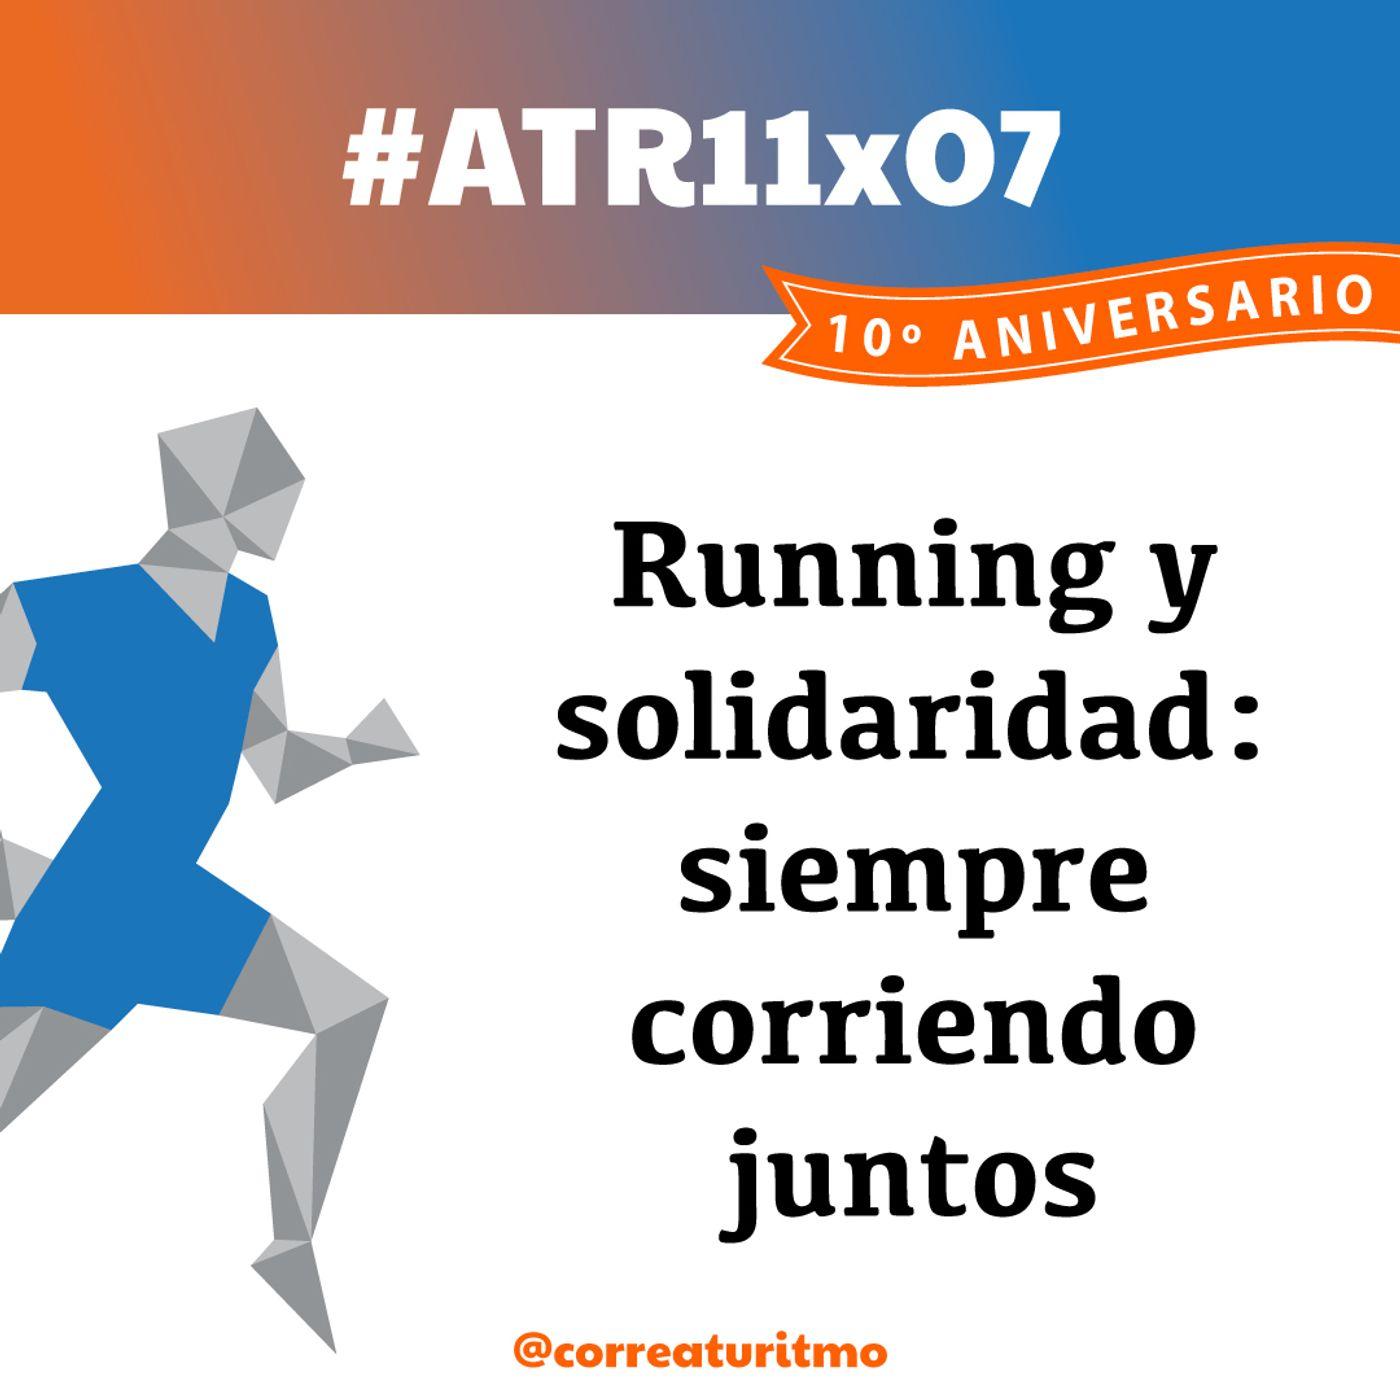 ATR 11x07 - Running y solidaridad: siempre corriendo juntos